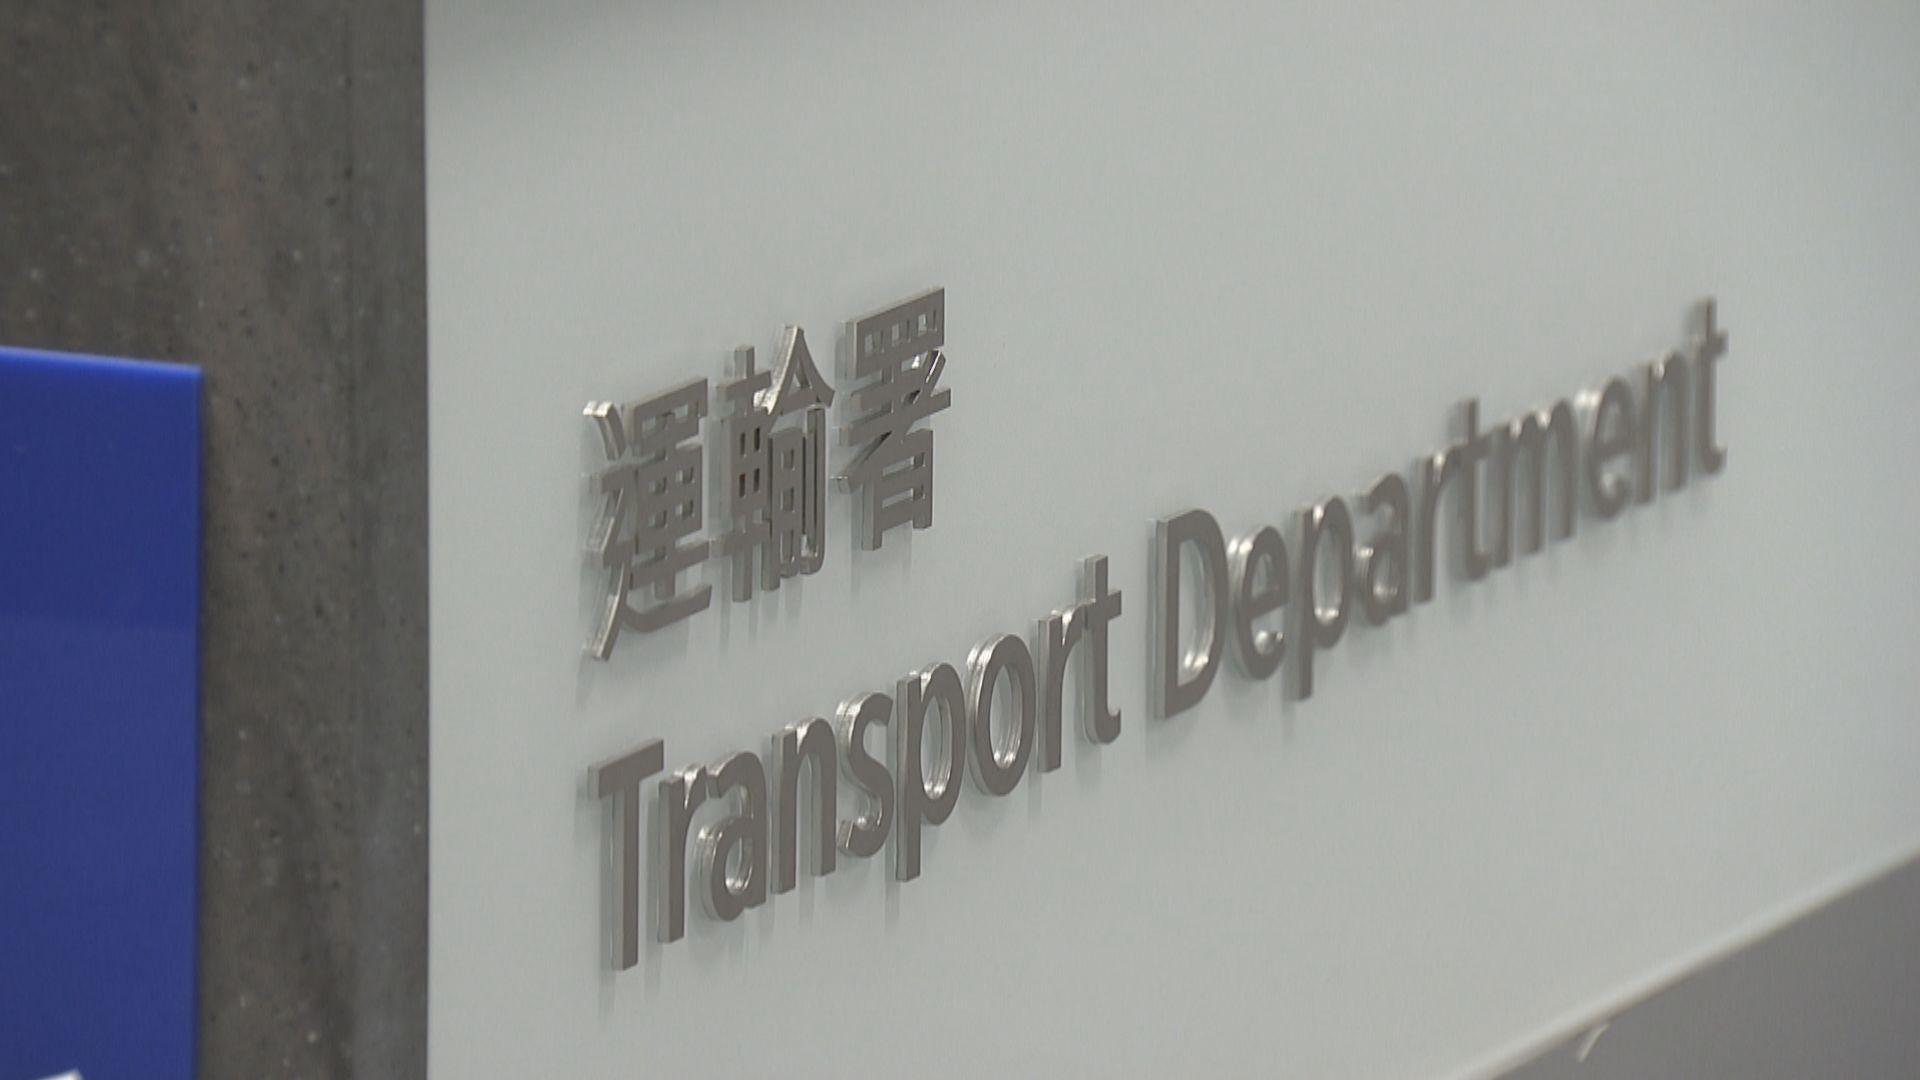 個別跨境貨車司機違防疫規定 業界及深圳同意考慮懲處